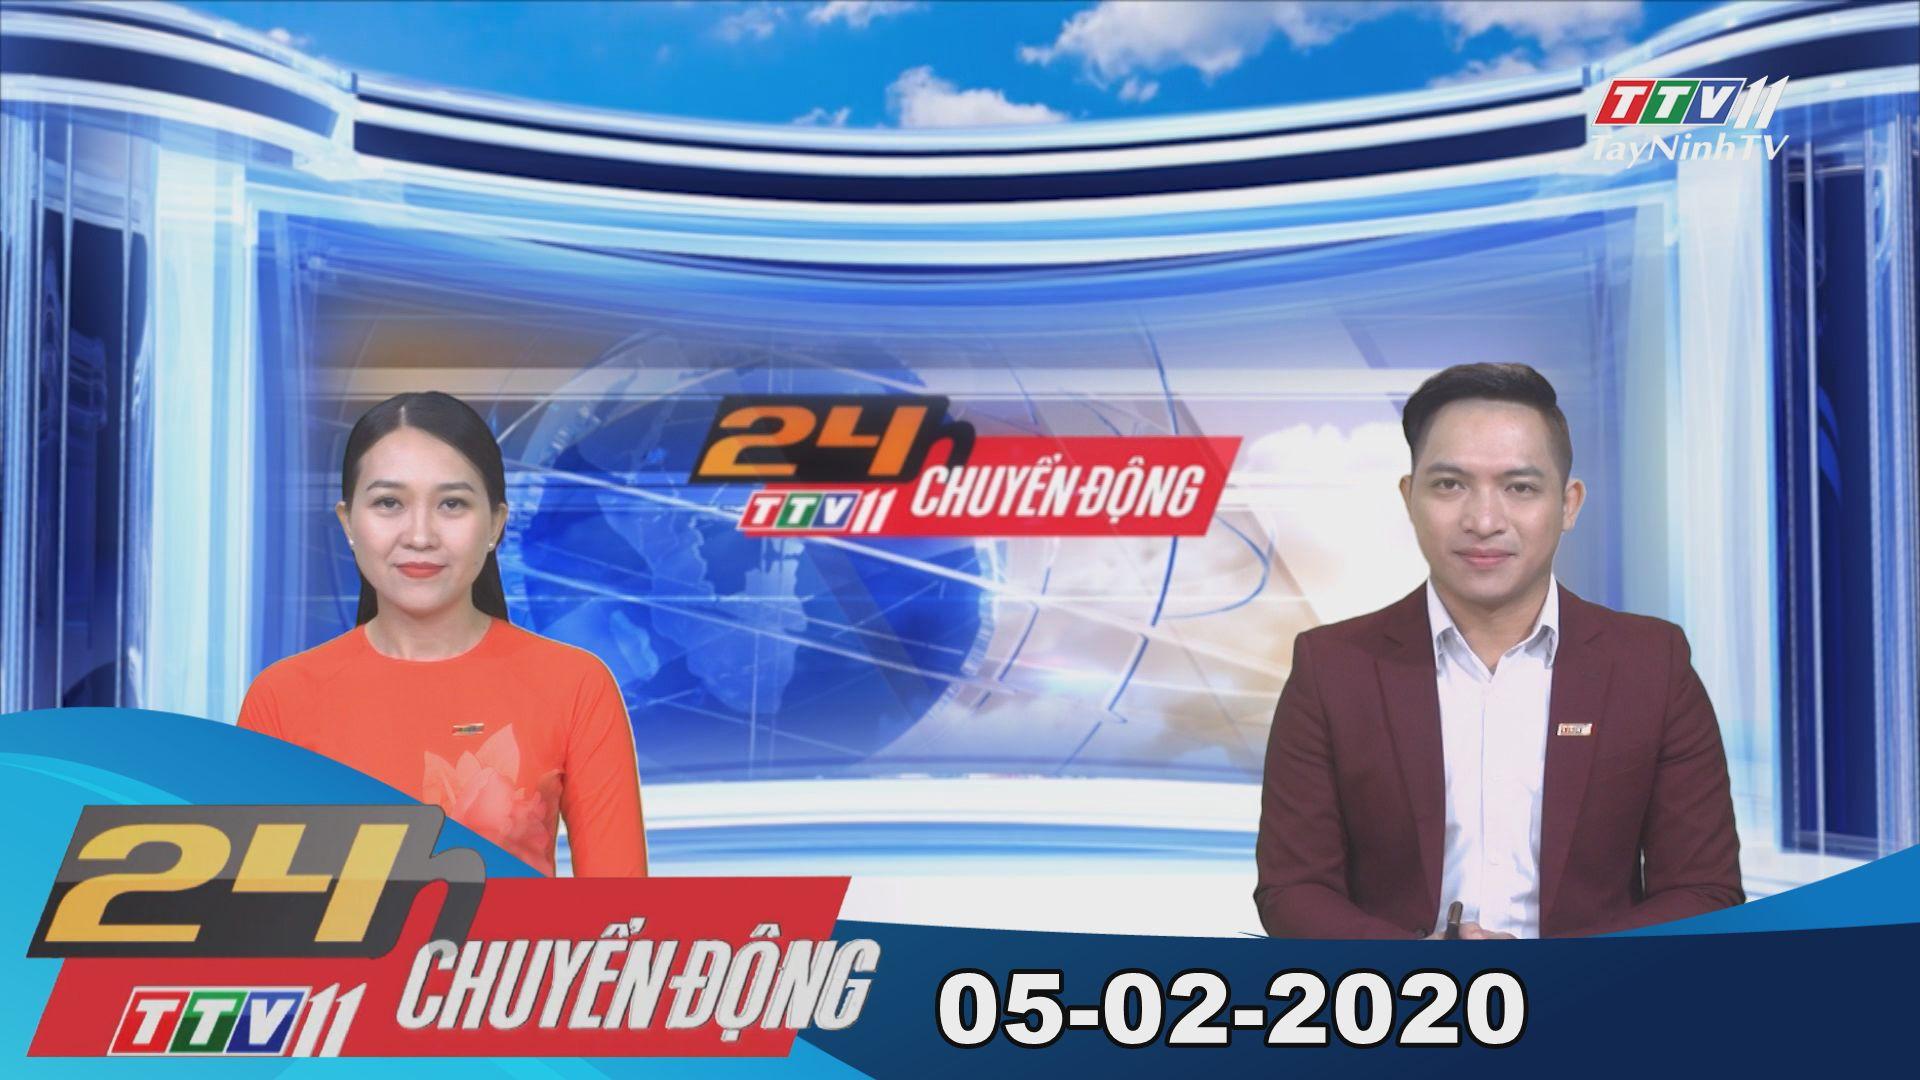 24h Chuyển động 05-02-2020 | Tin tức hôm nay | TayNinhTV